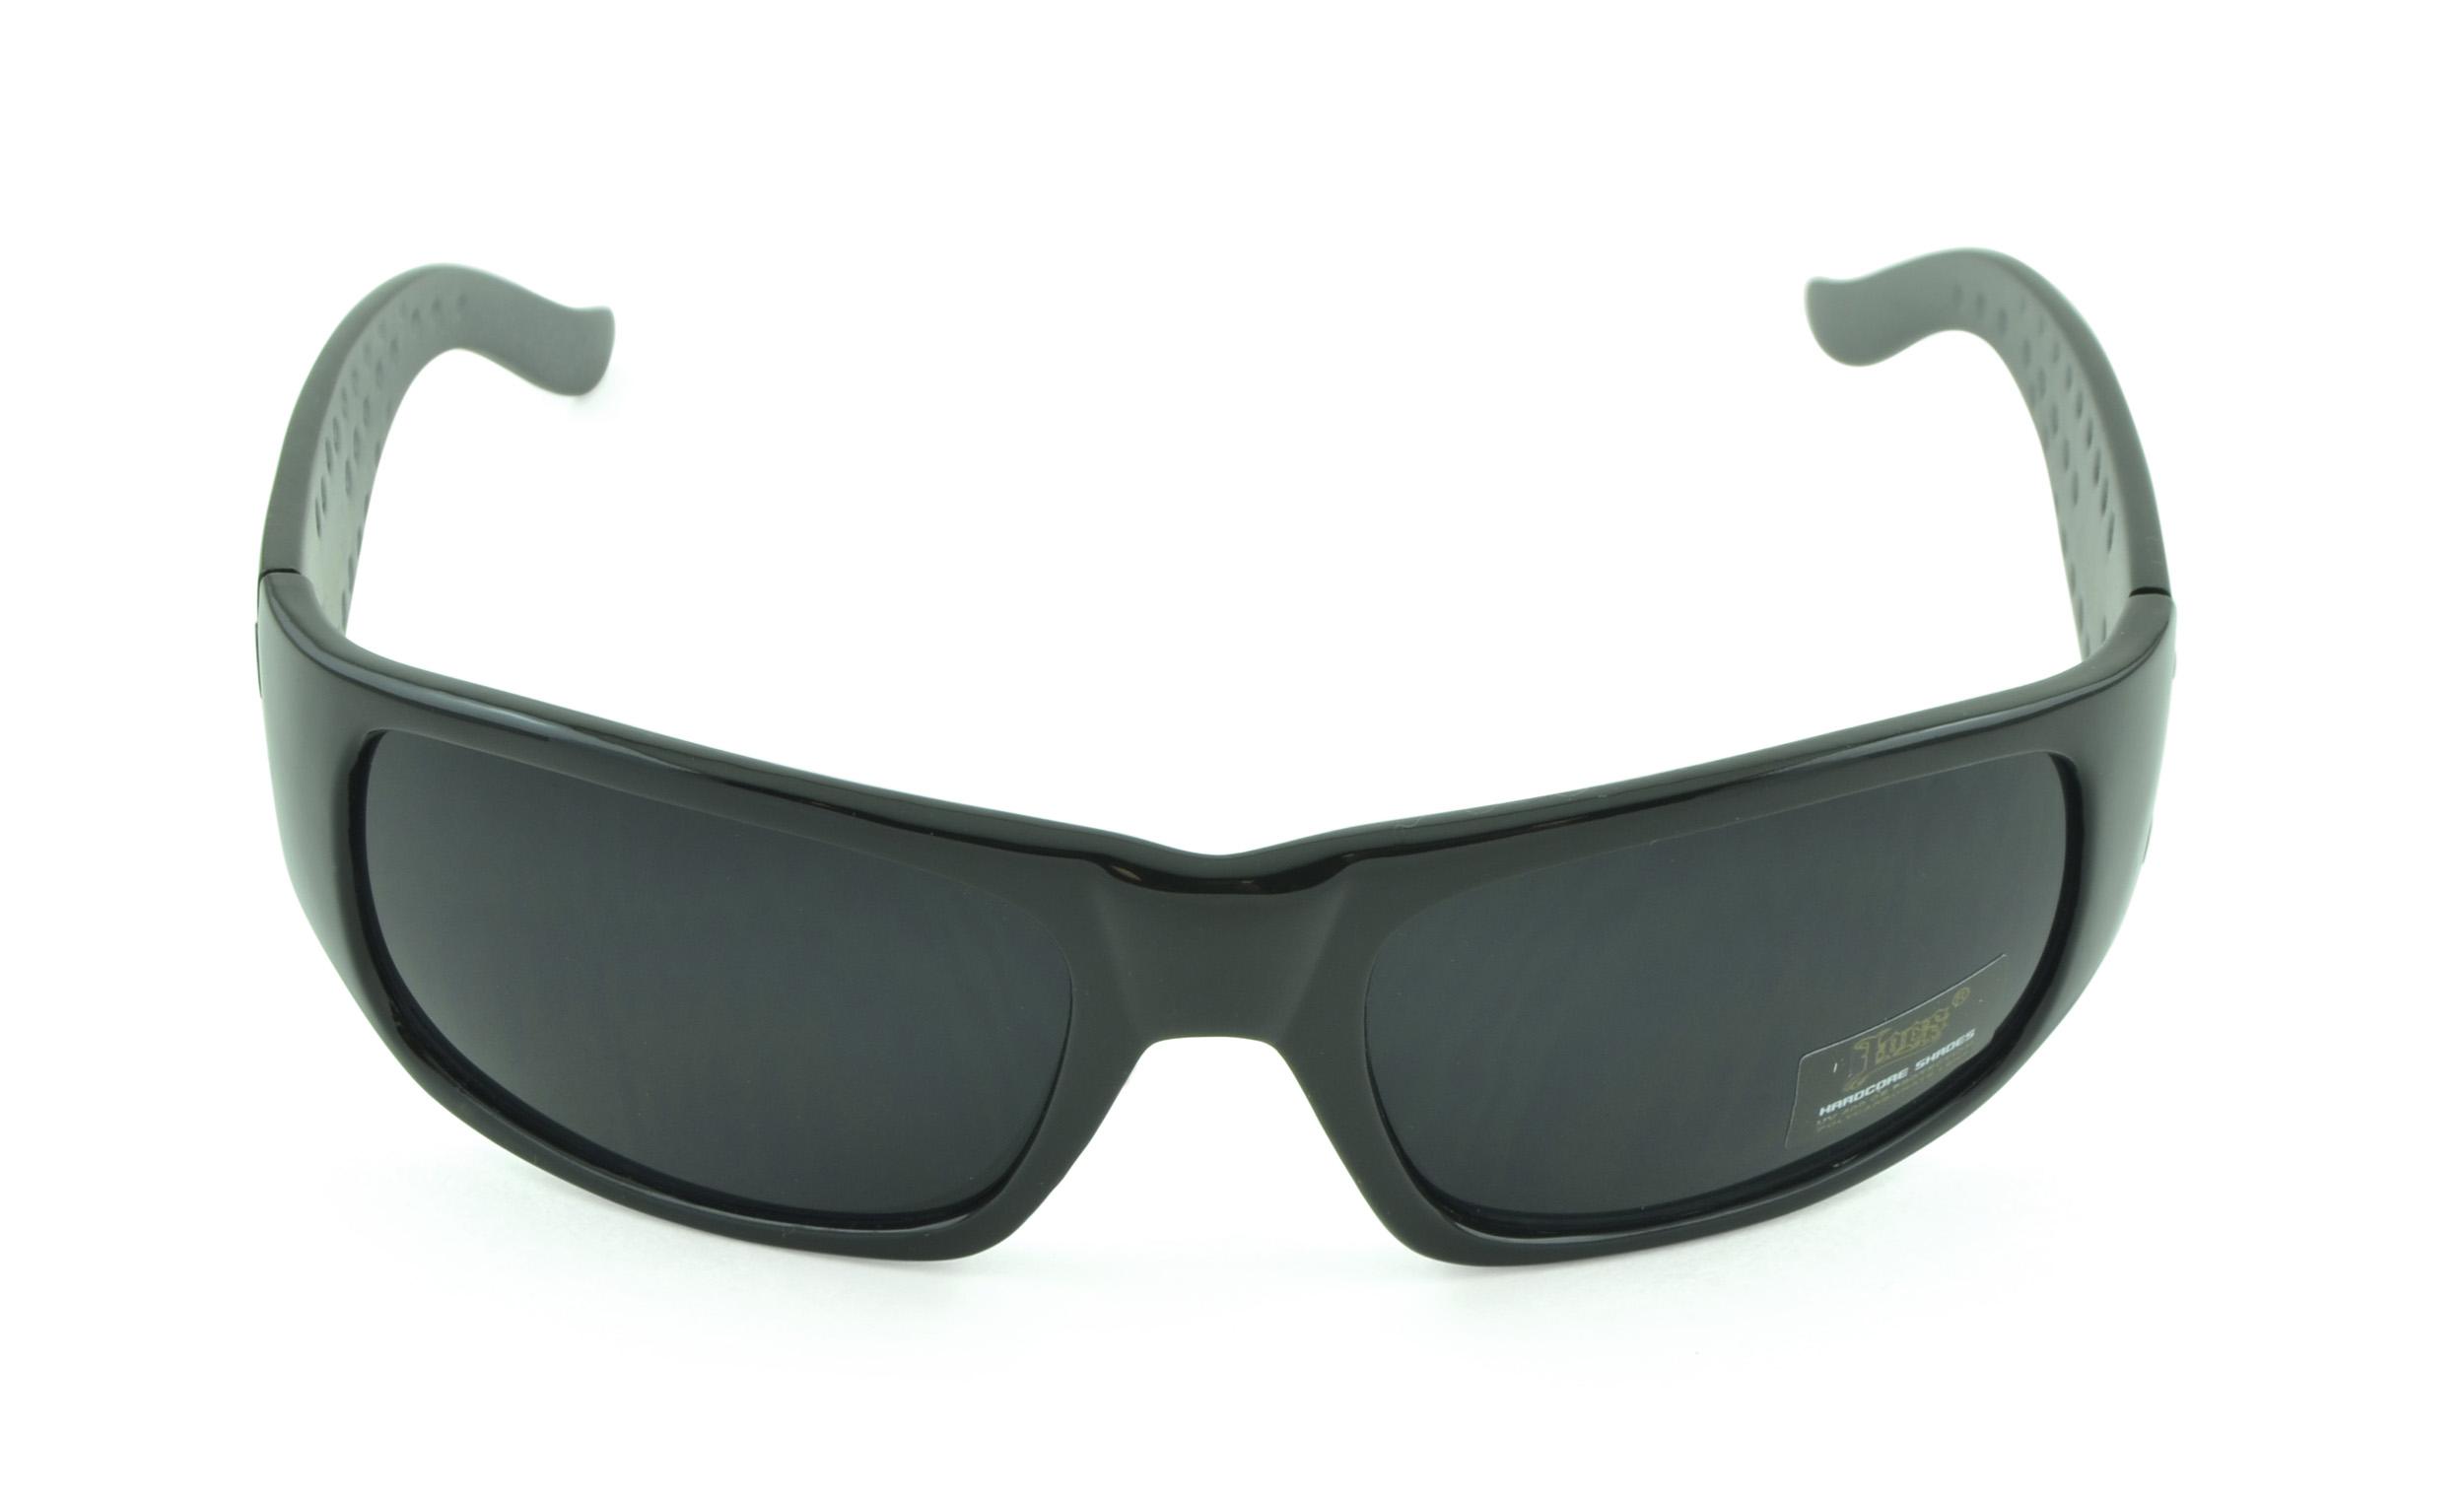 Belle Donne- Gangster Sunglass Hardcore Dark Lens Sunglasses Men Women - Gray